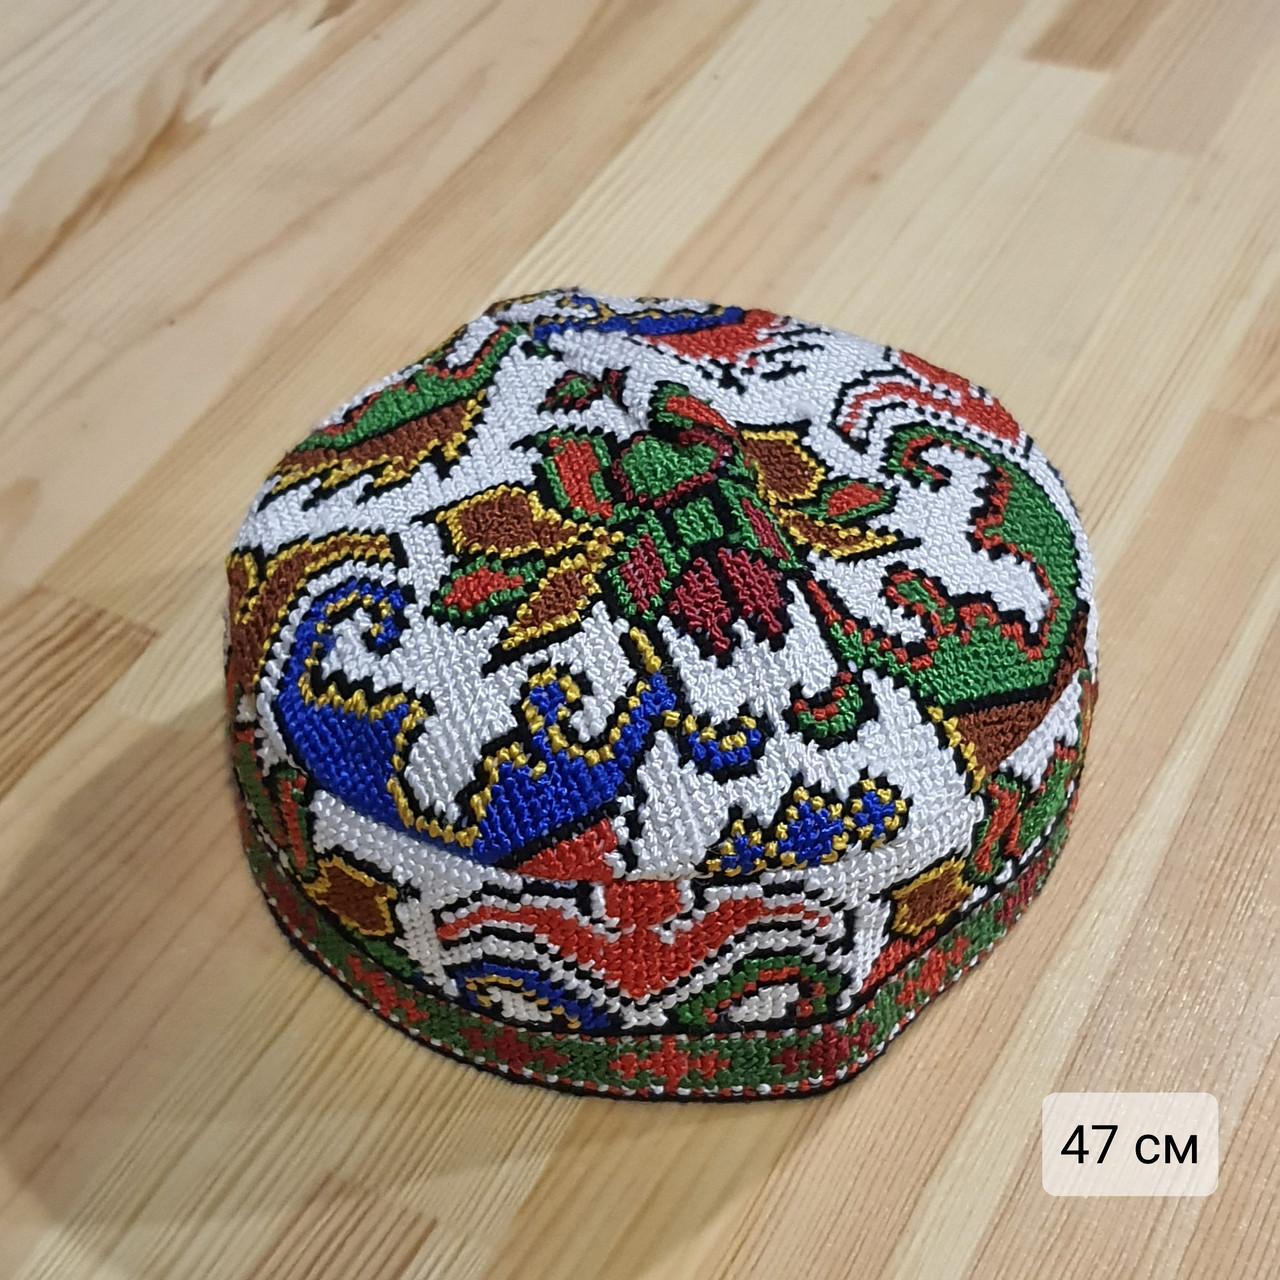 Узбекская тюбетейка 47 см. Ручная вышивка. Узбекистан (47_4)